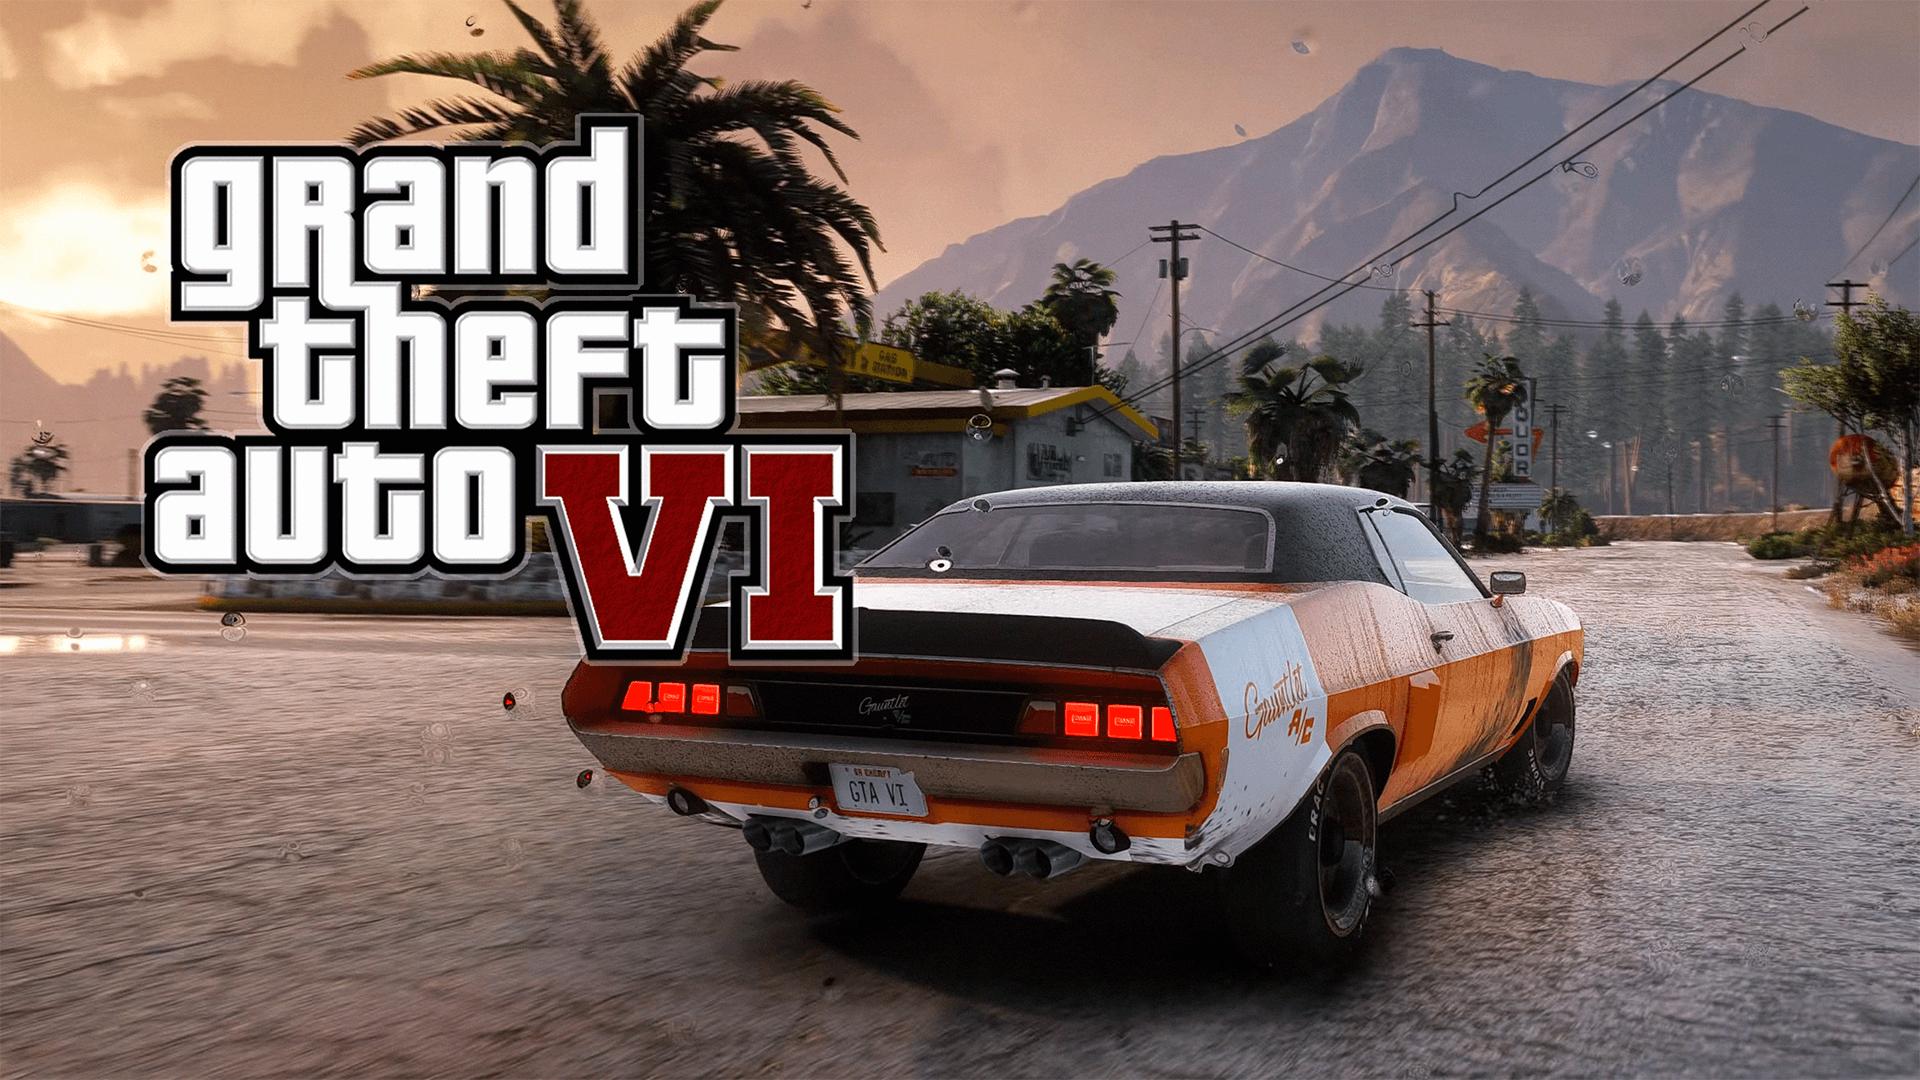 Os principais rumores de Grand Theft Auto VI (GTA 6) se centram na potencial data de lançamento, localização do jogo, bem como personagens.